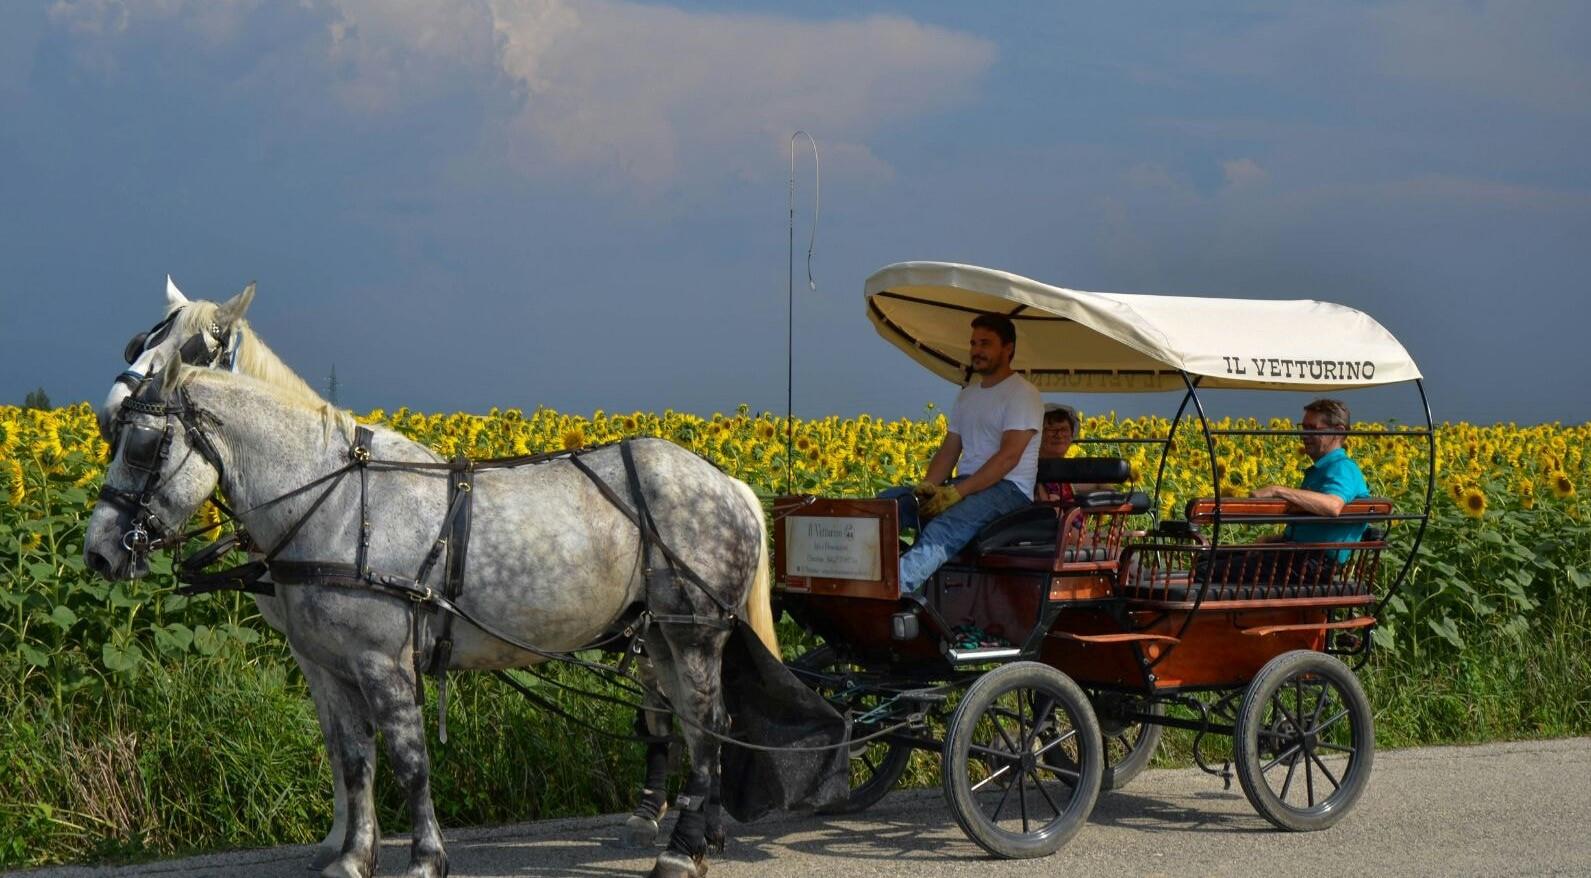 Passeggiata in carrozza a Rivotorto e degustazione di vino